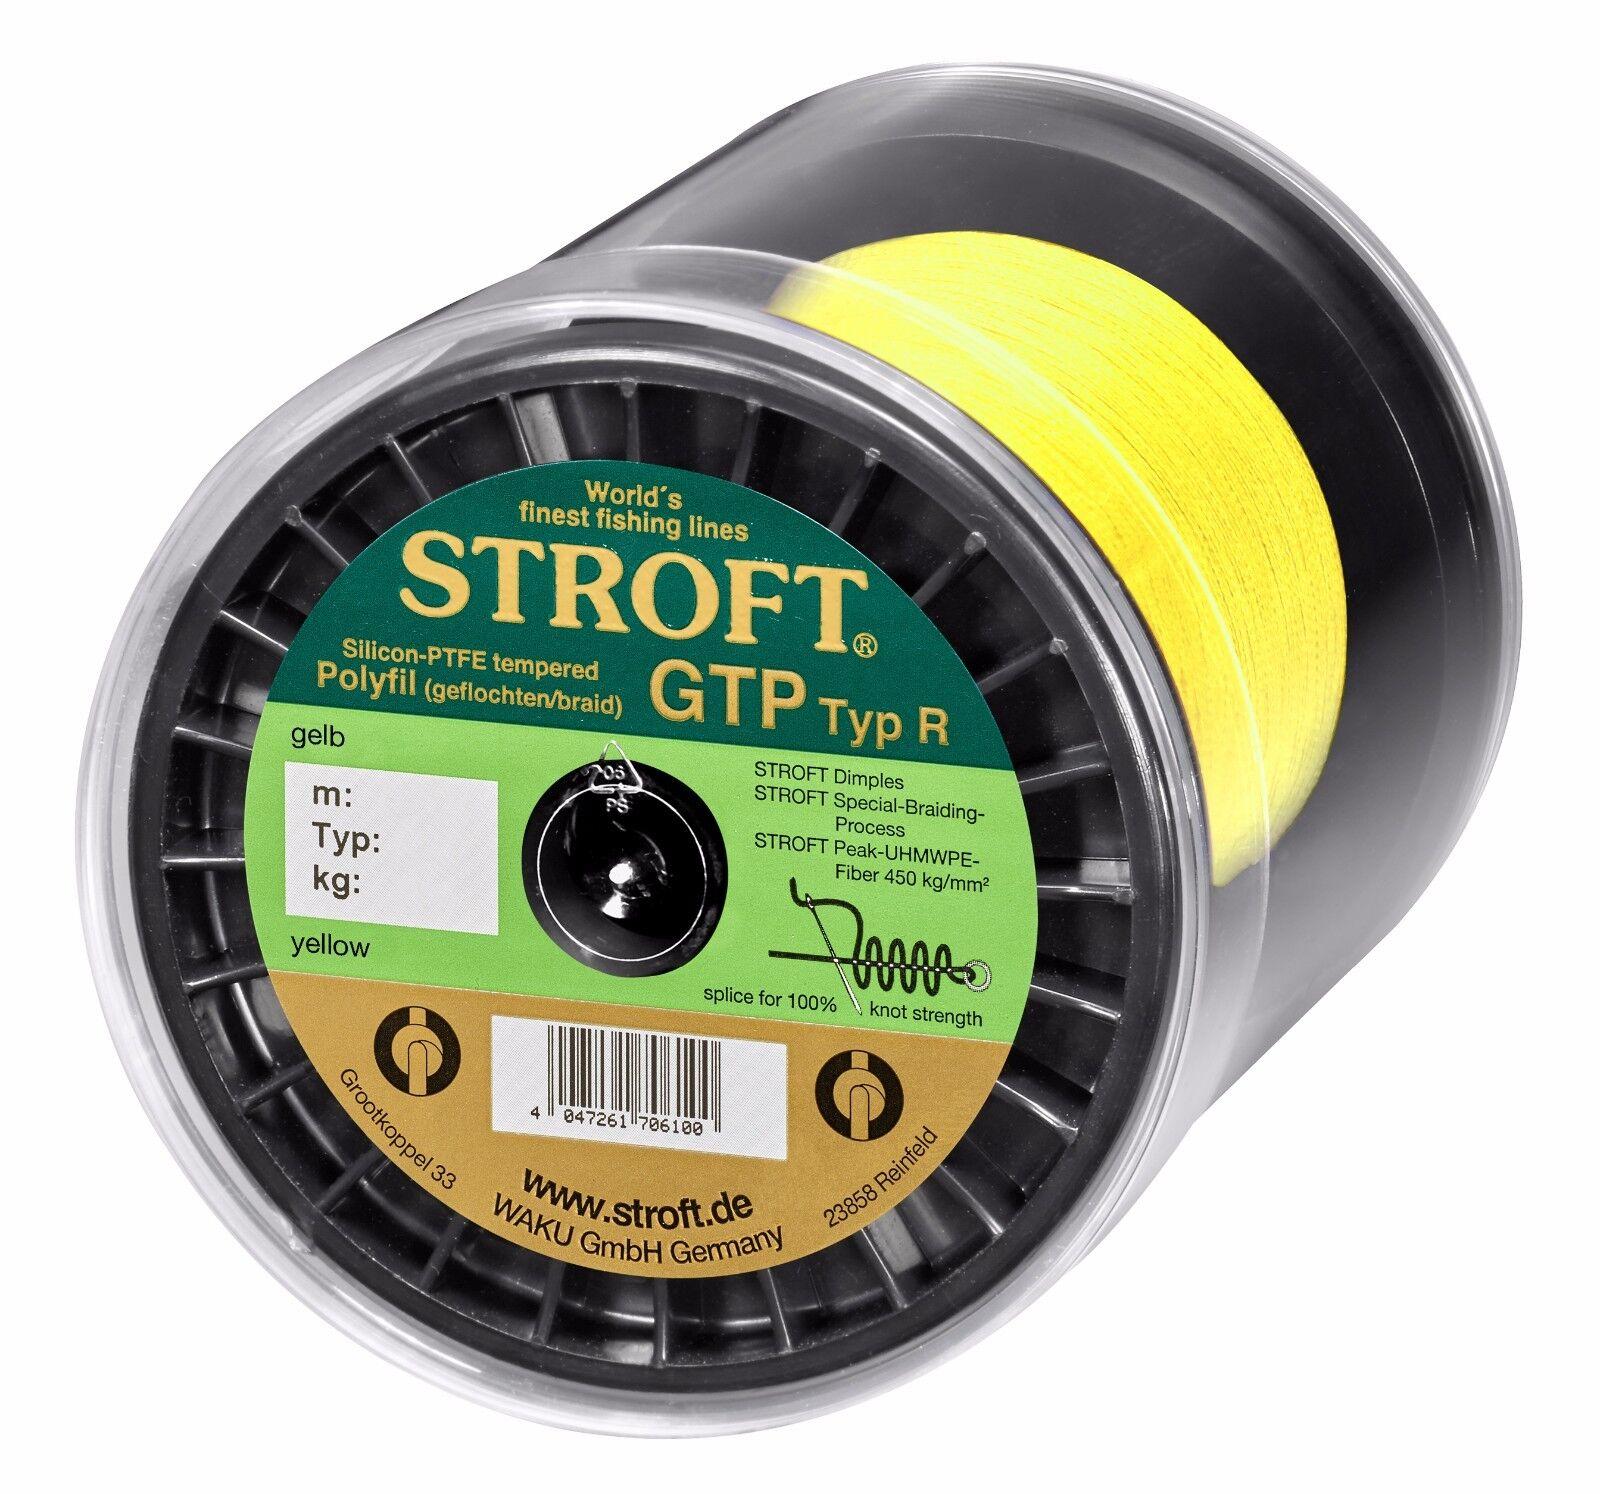 Lenza stroft GTP tipo R GItuttiO 100m 250m 500m 1000m Intrecciato Corda